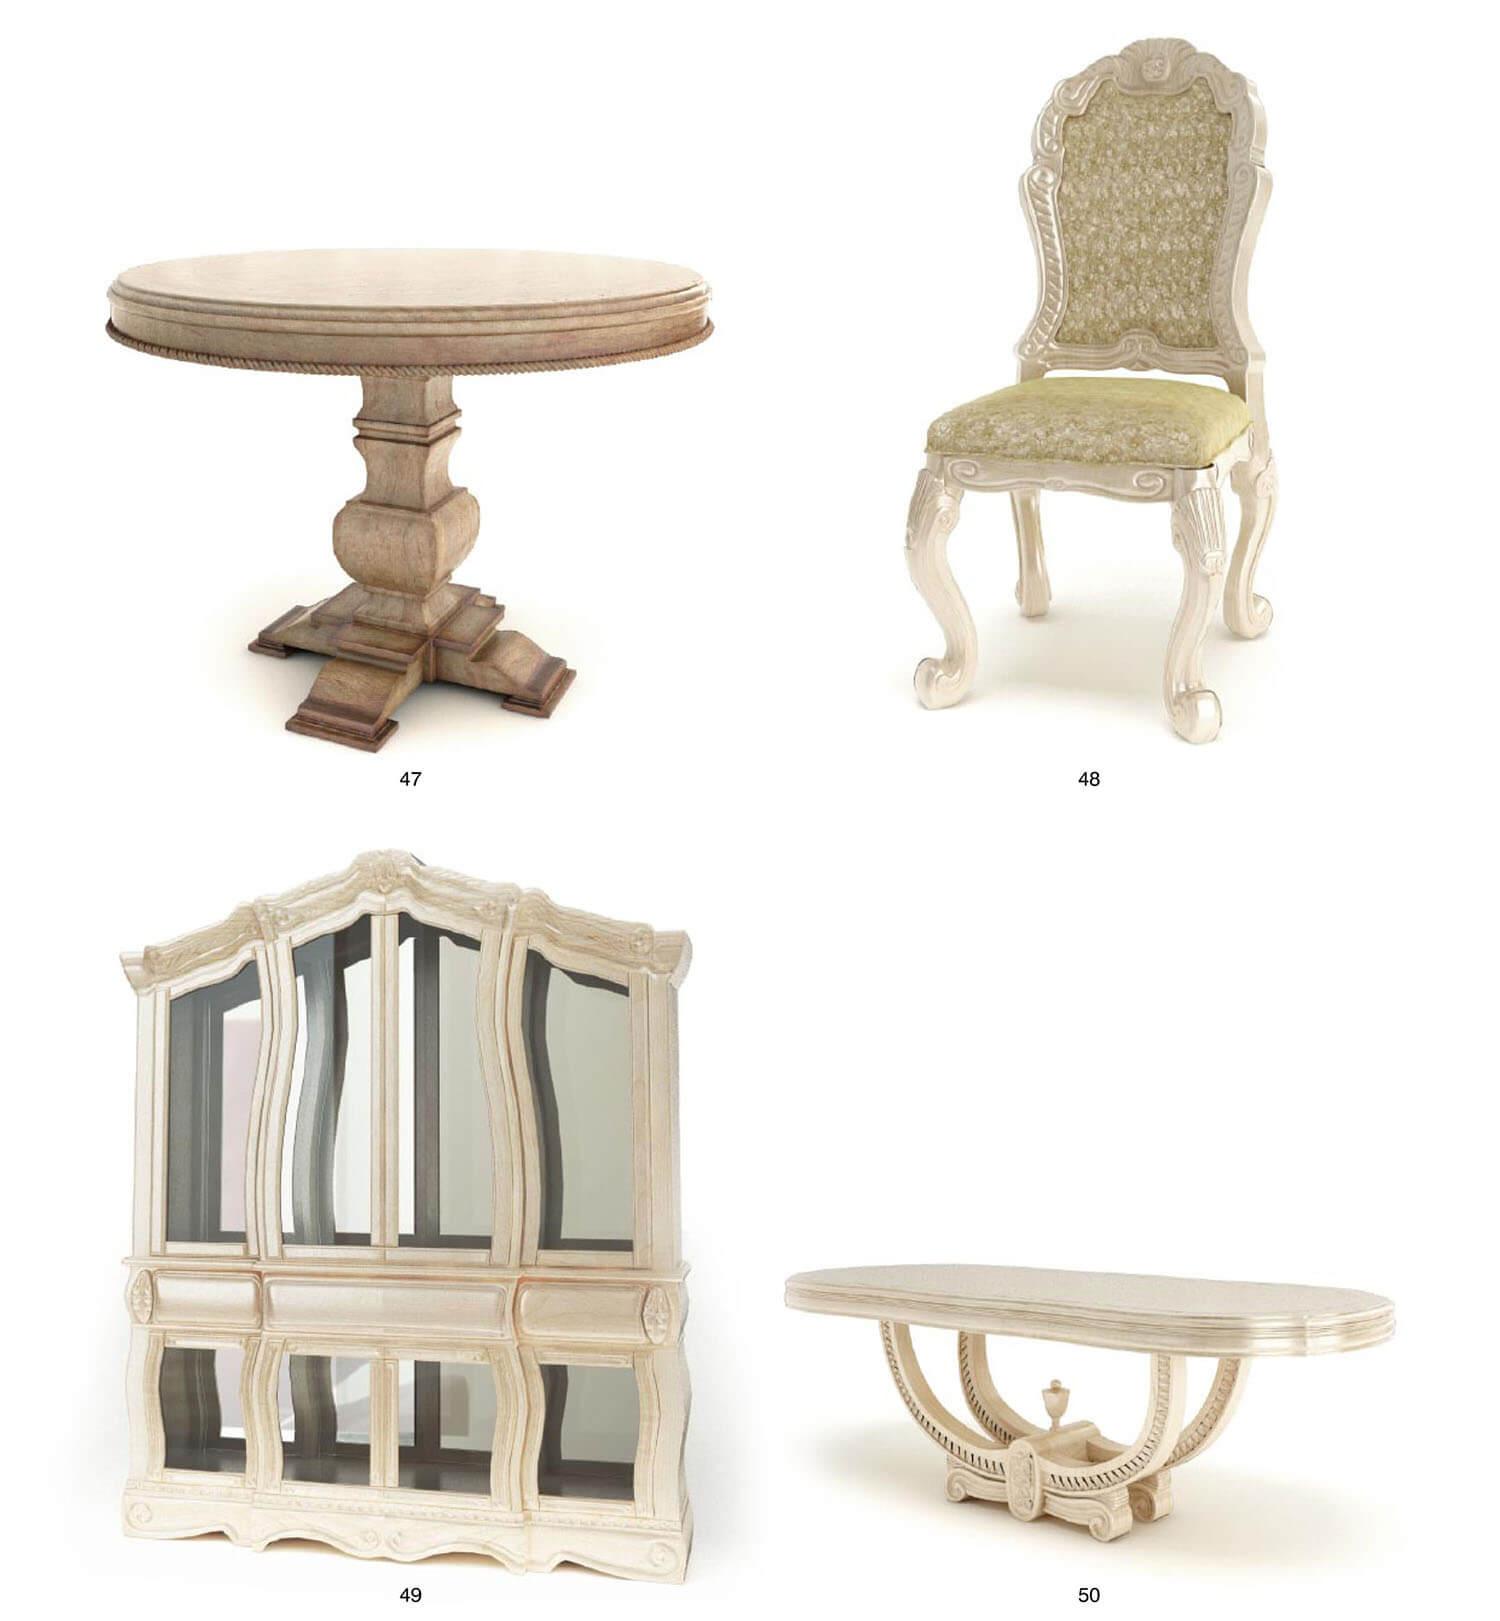 bàn của ghế như những tác phẩm nghệ thuật